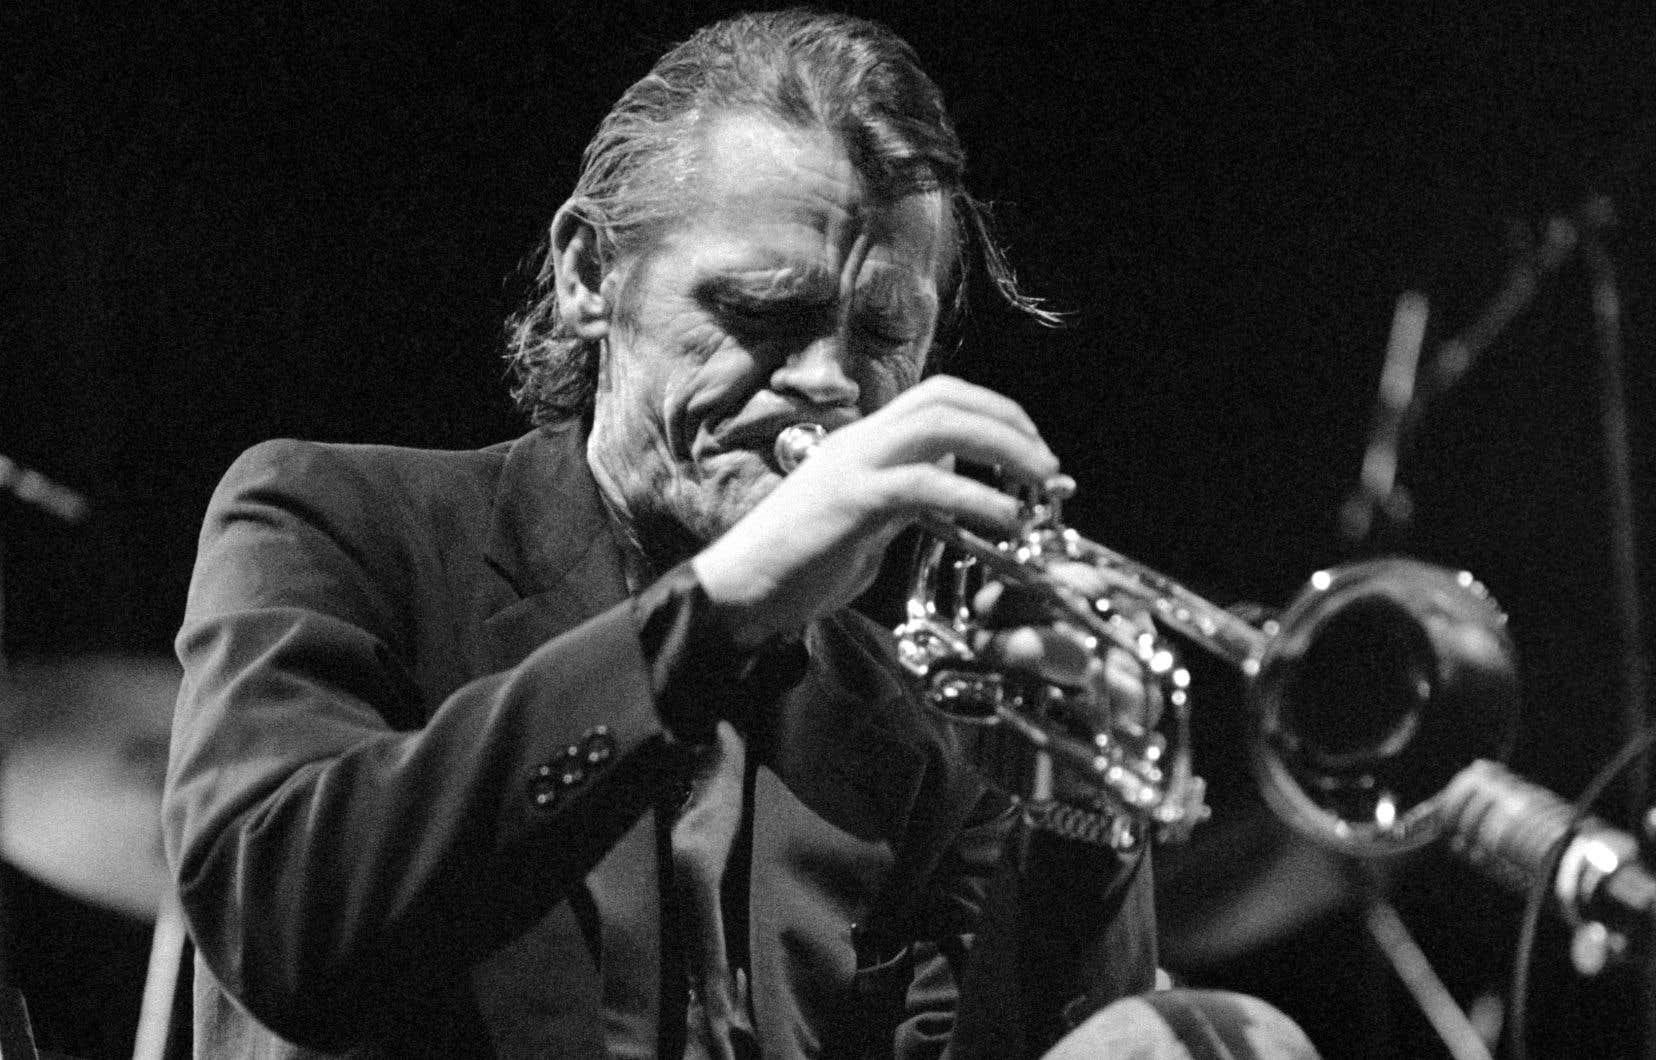 Le trompettiste Chet Baker au festival Le Printemps de Bourges, le 20 avril 1987